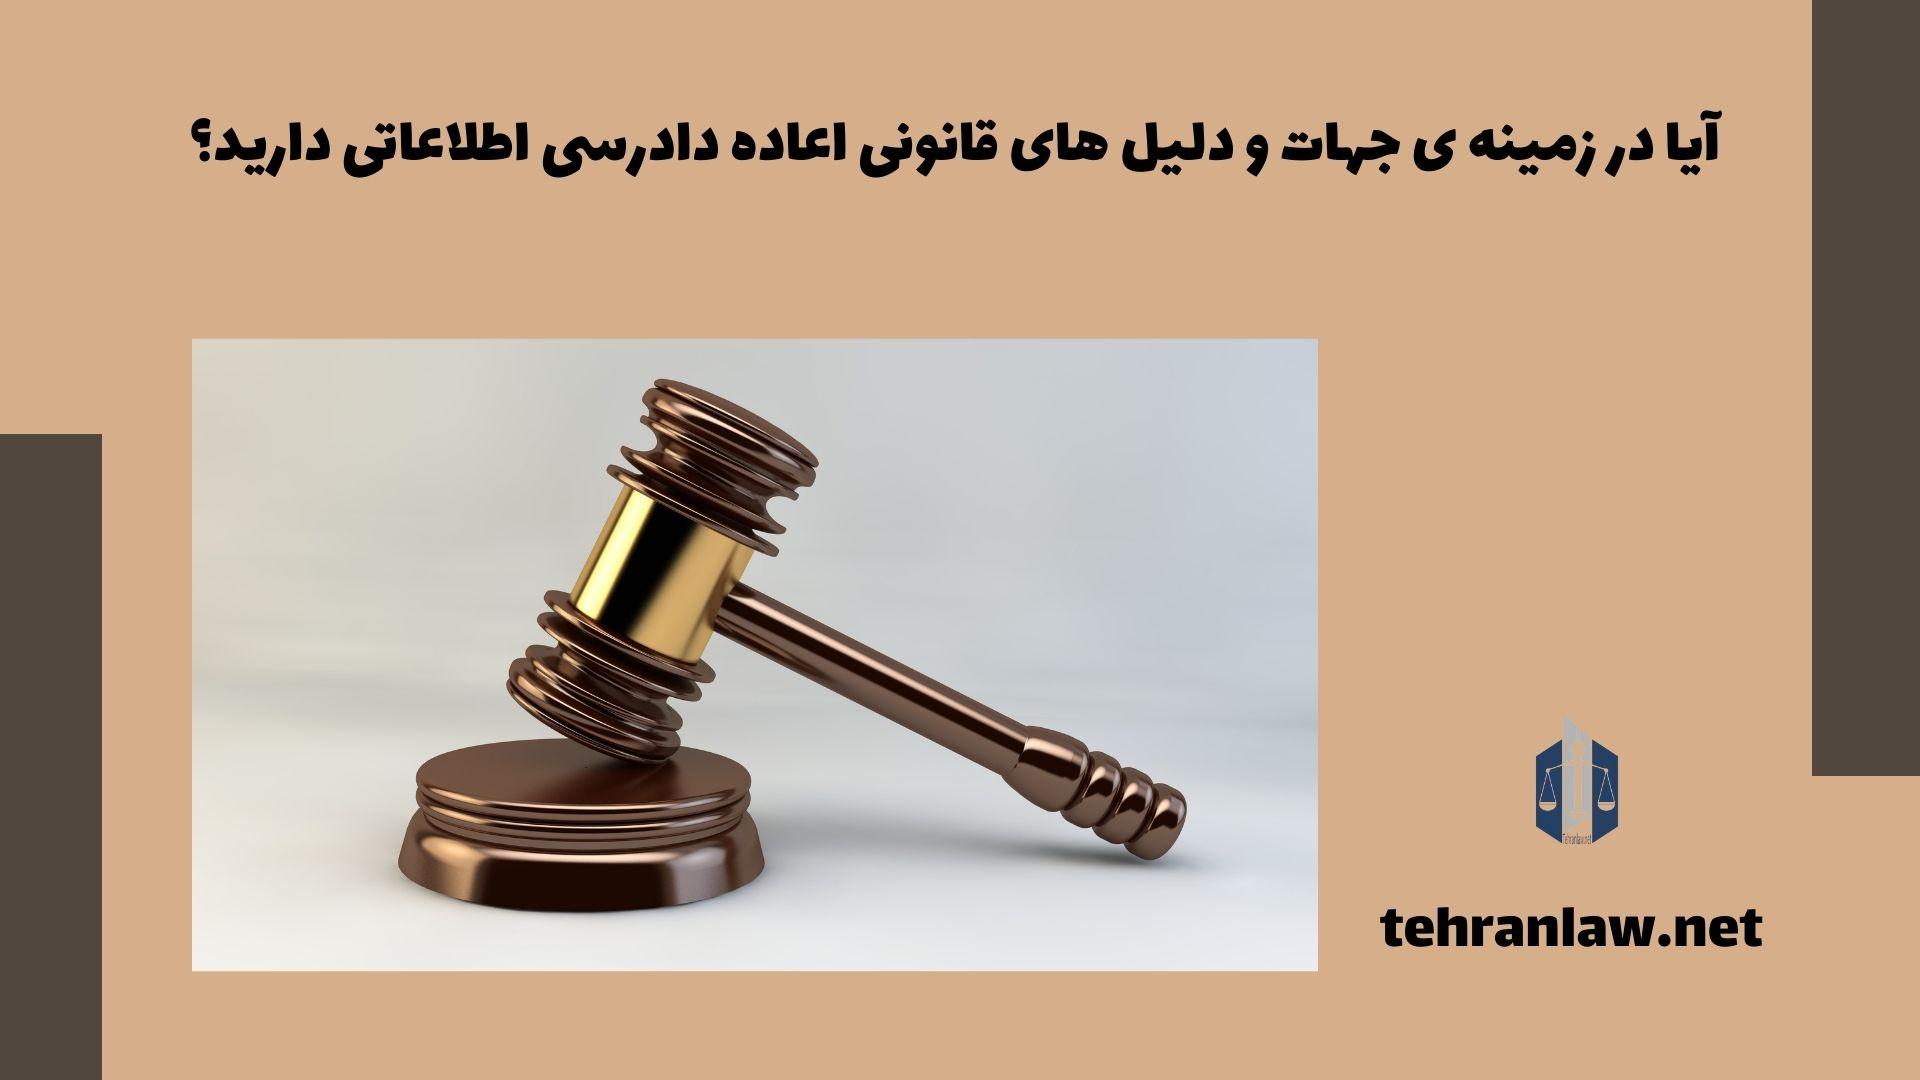 آیا در زمینه ی جهات و دلیل های قانونی اعاده دادرسی اطلاعاتی دارید؟